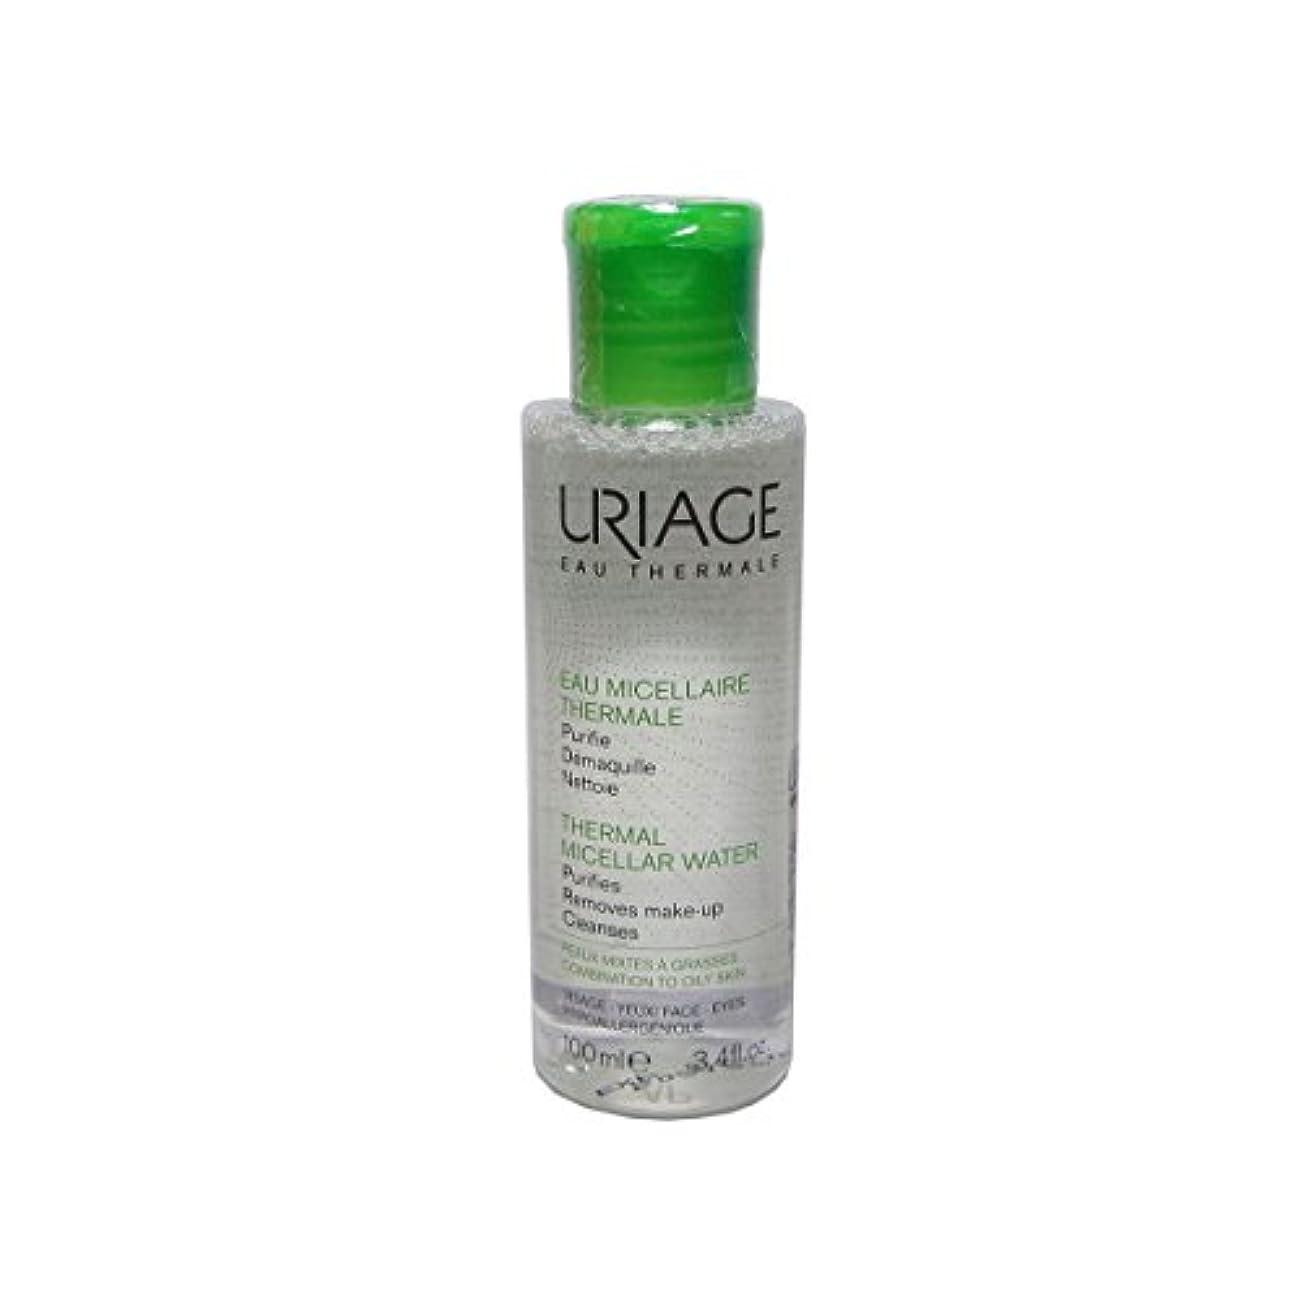 頂点シルク軽食Uriage Thermal Micellar Water Combination To Oily Skin 100ml [並行輸入品]